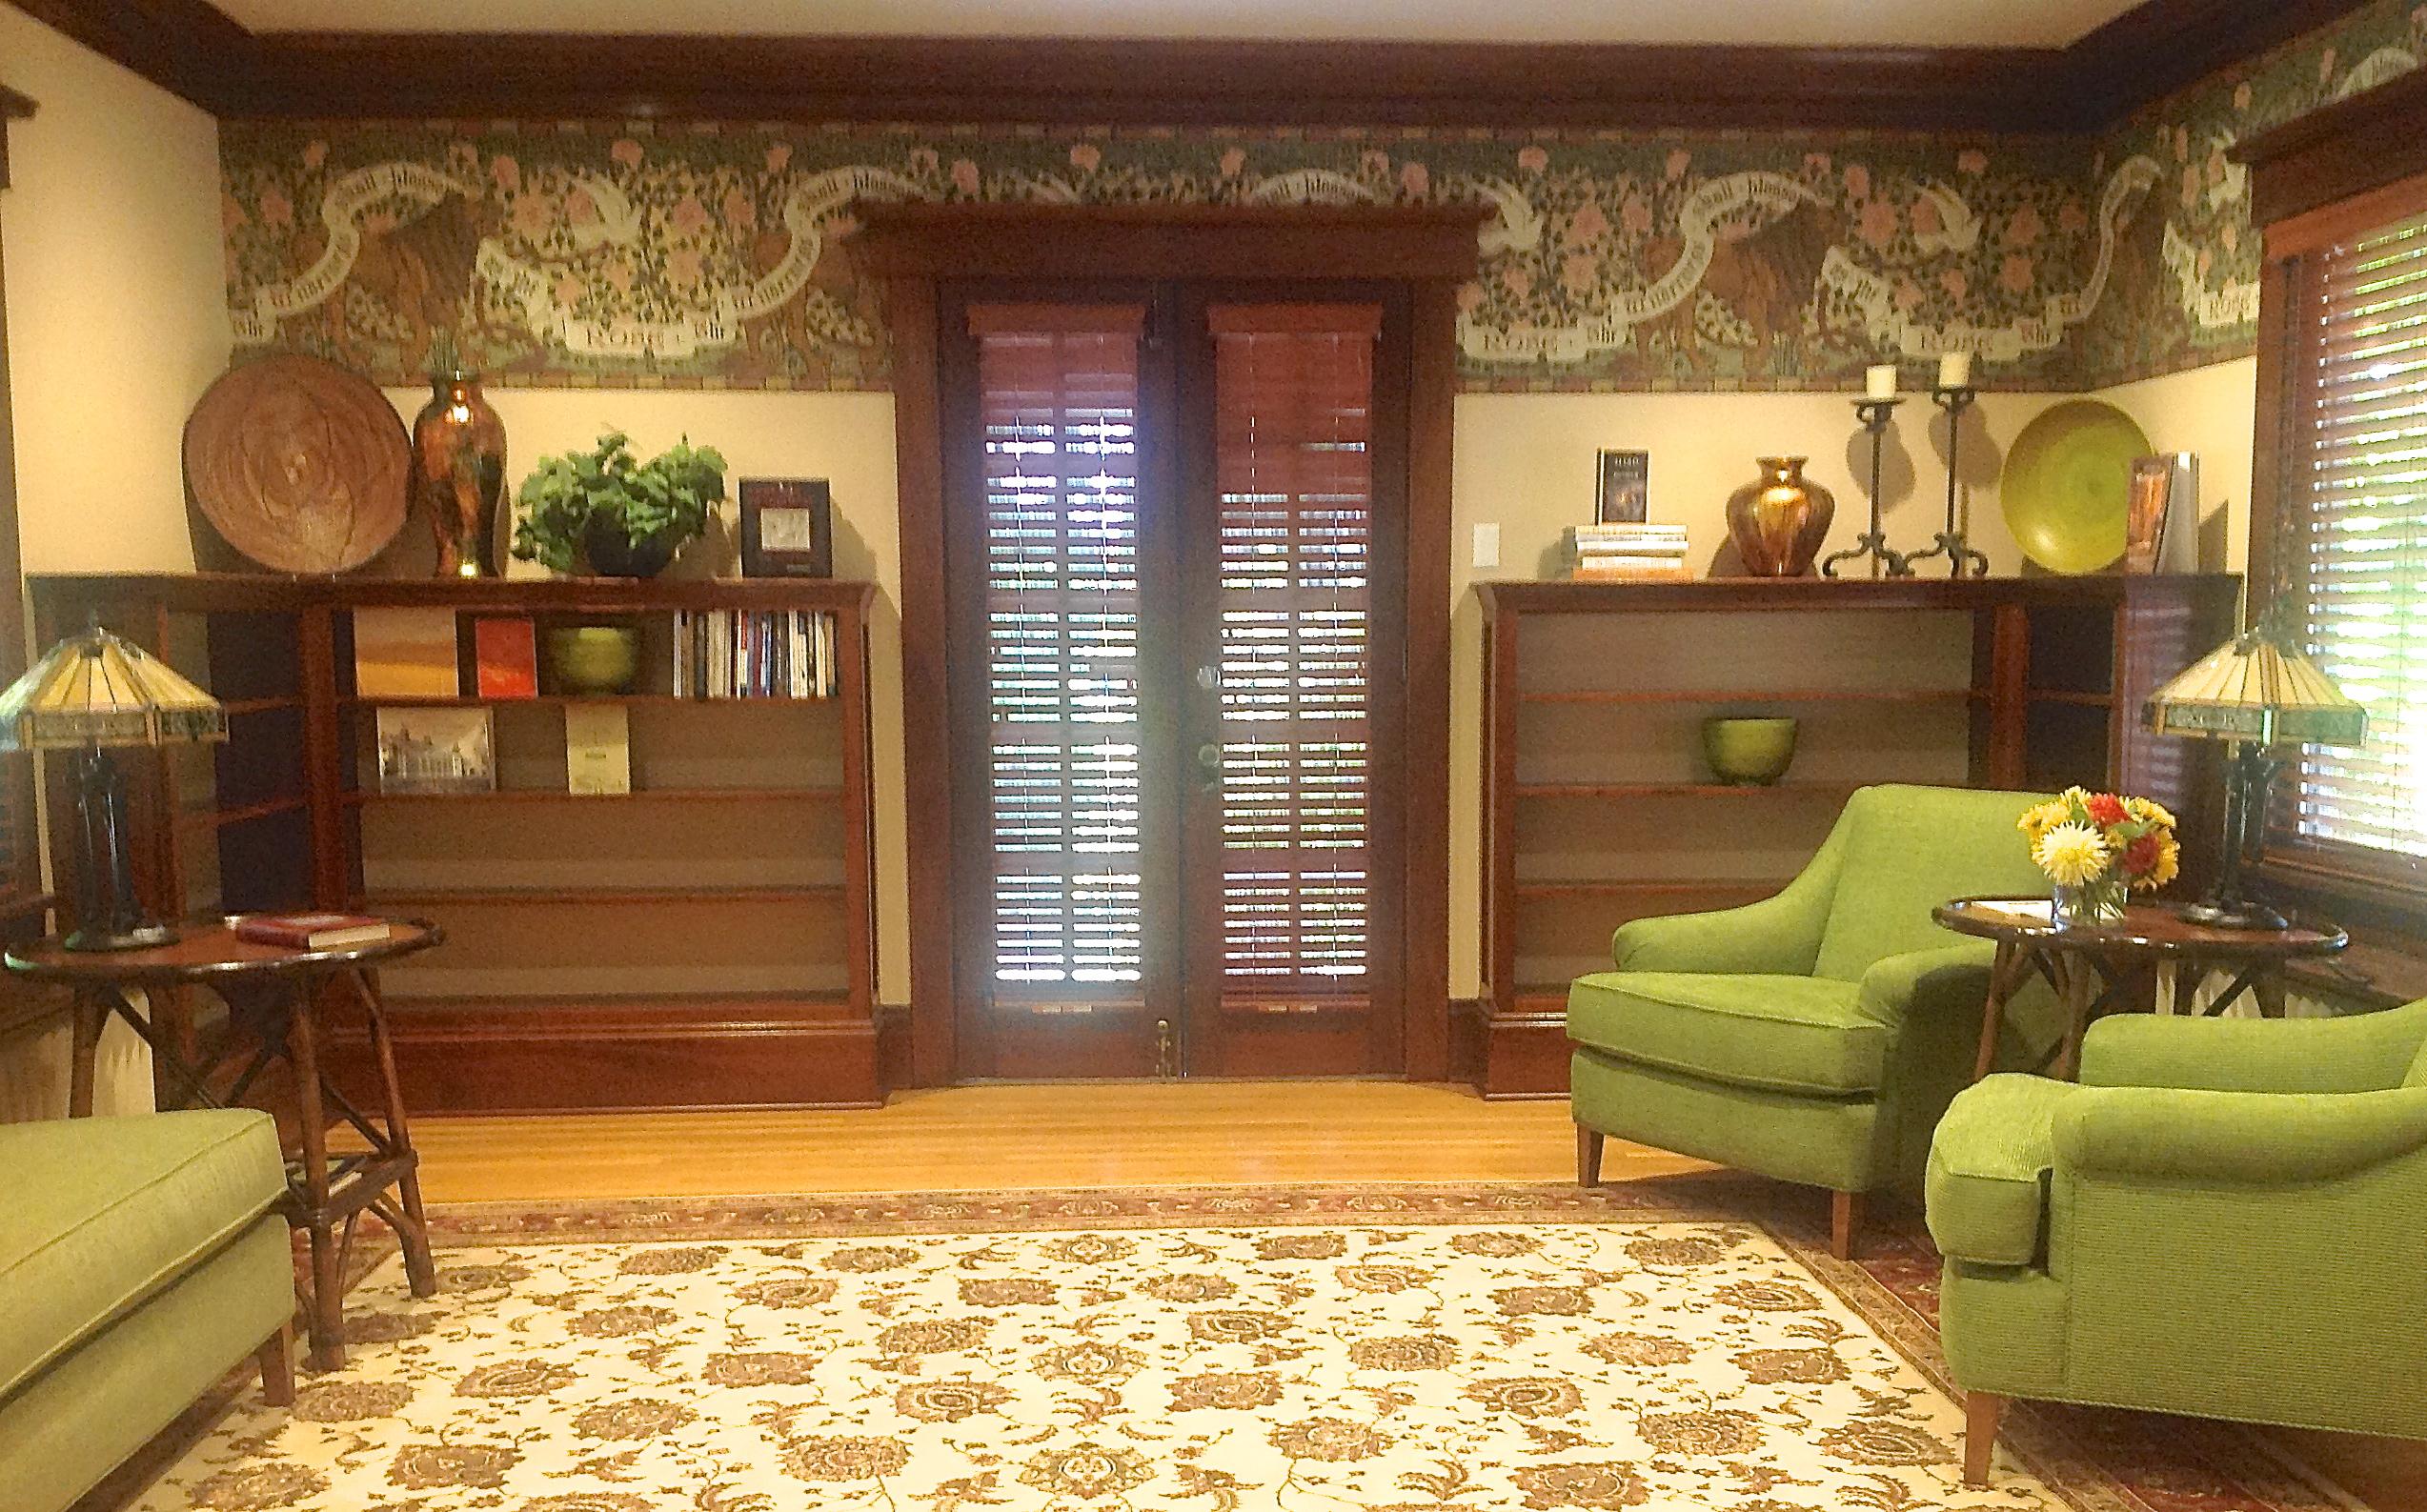 Emery & Associates Interior Design